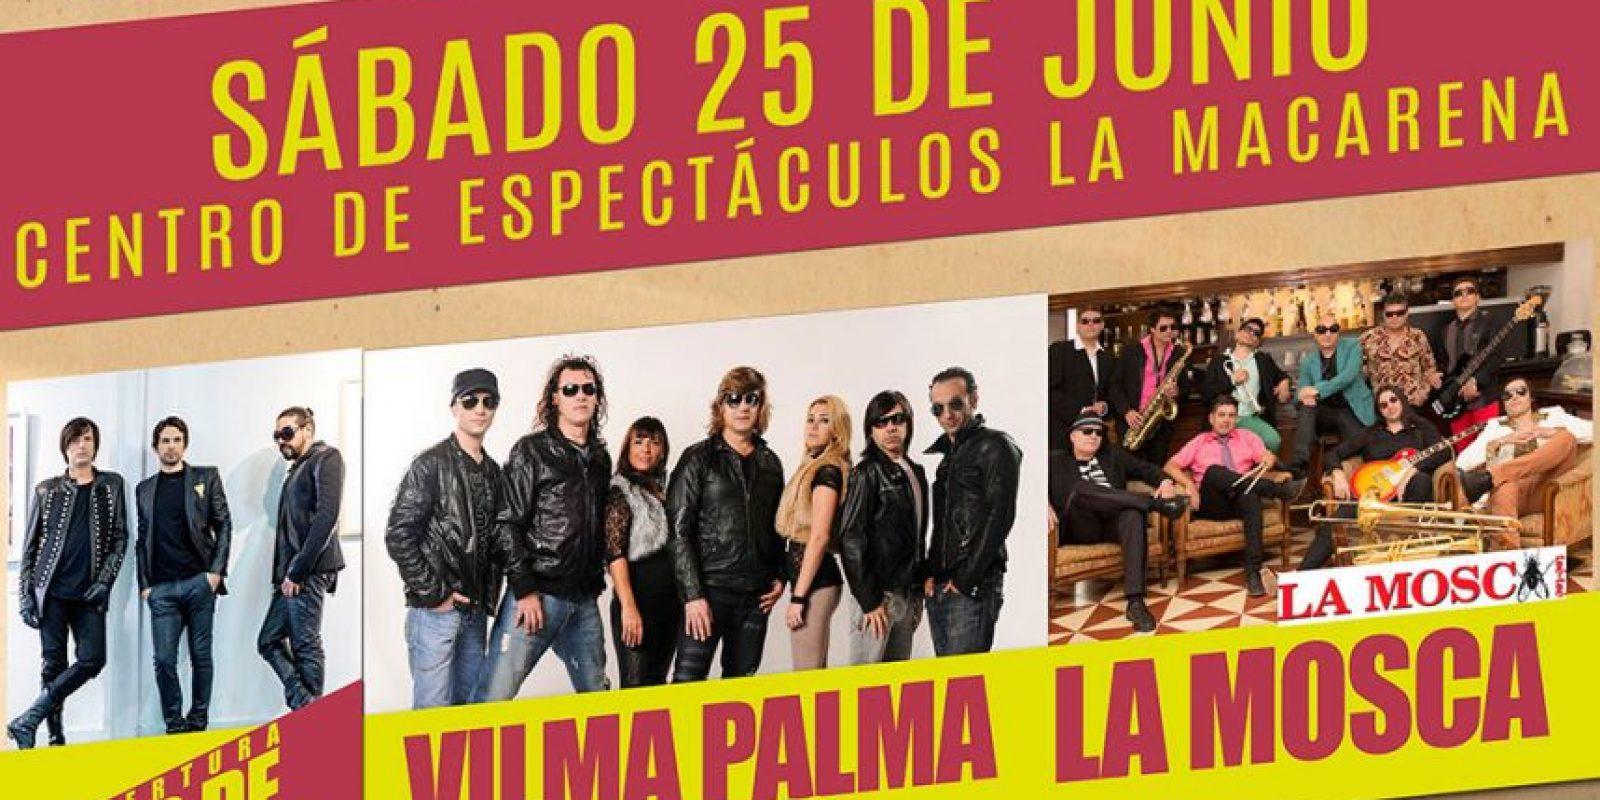 Concierto de clásicos inolvidables de  Vilma Palma e Vampiros, La Mosca Los de Adentro en La Macarena. Foto:Tomada de la Tiquetera.com